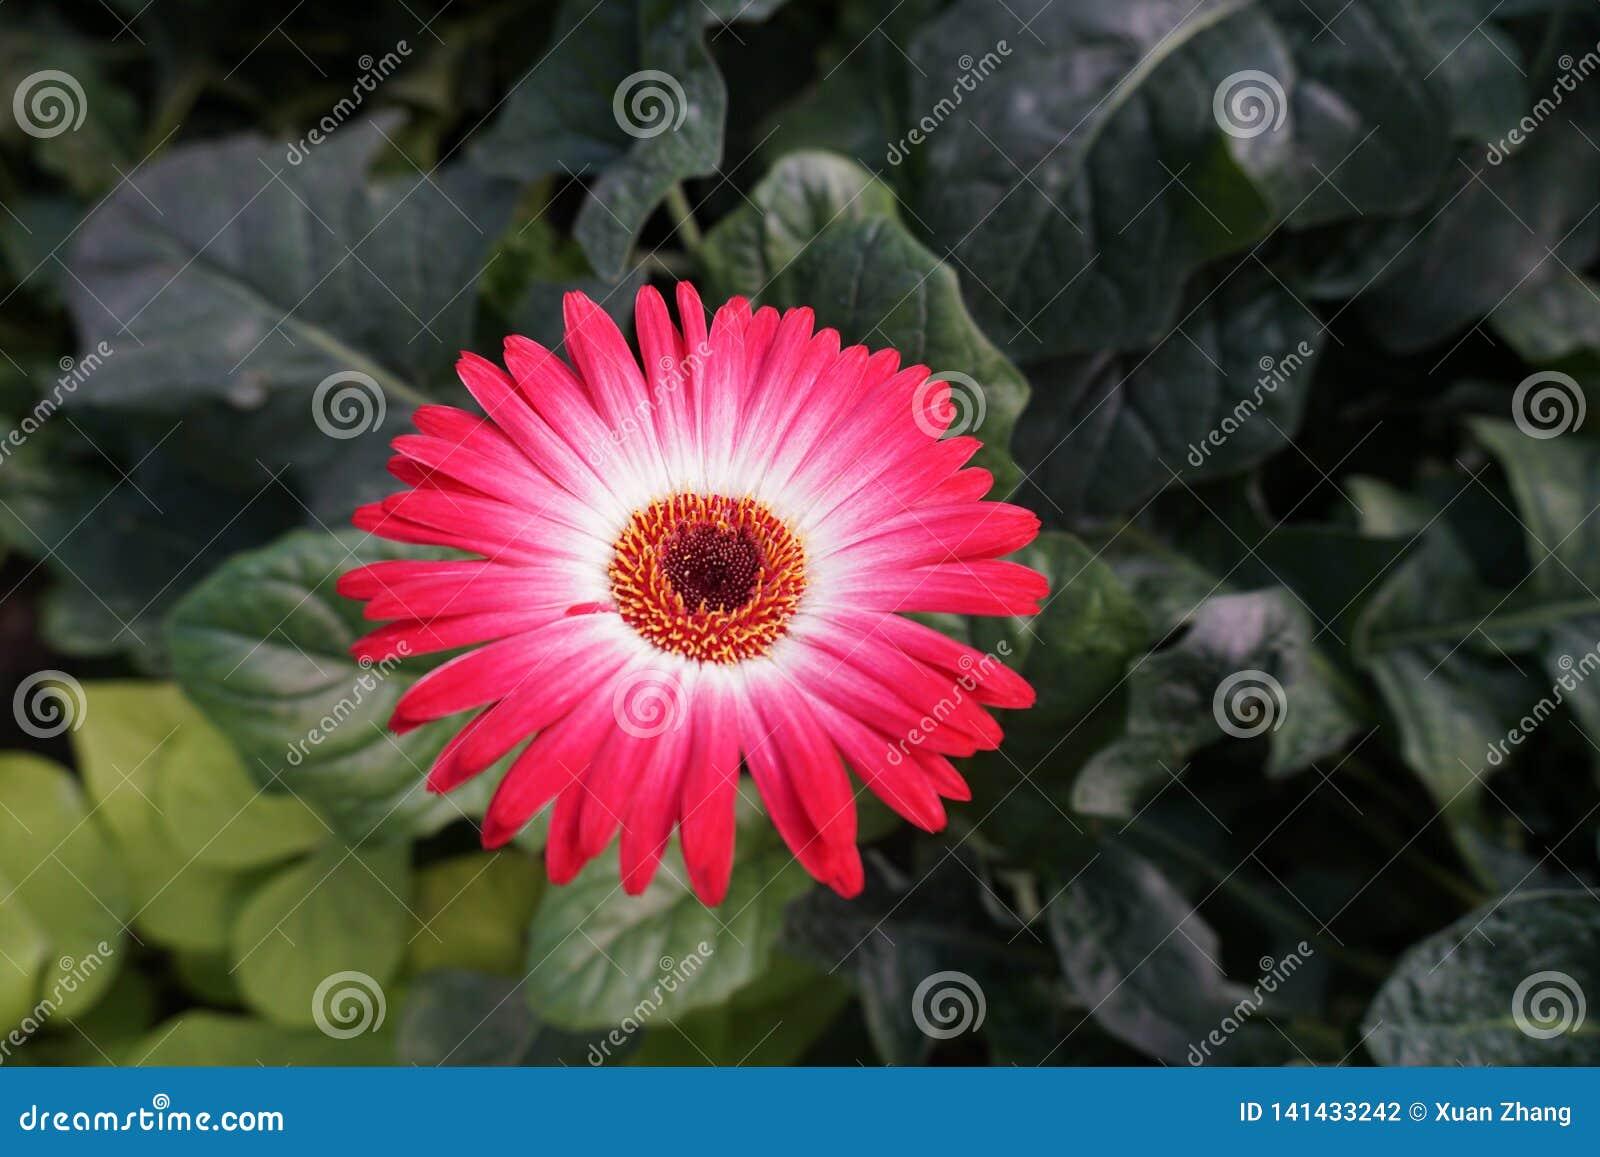 Dit is een bloem in het park